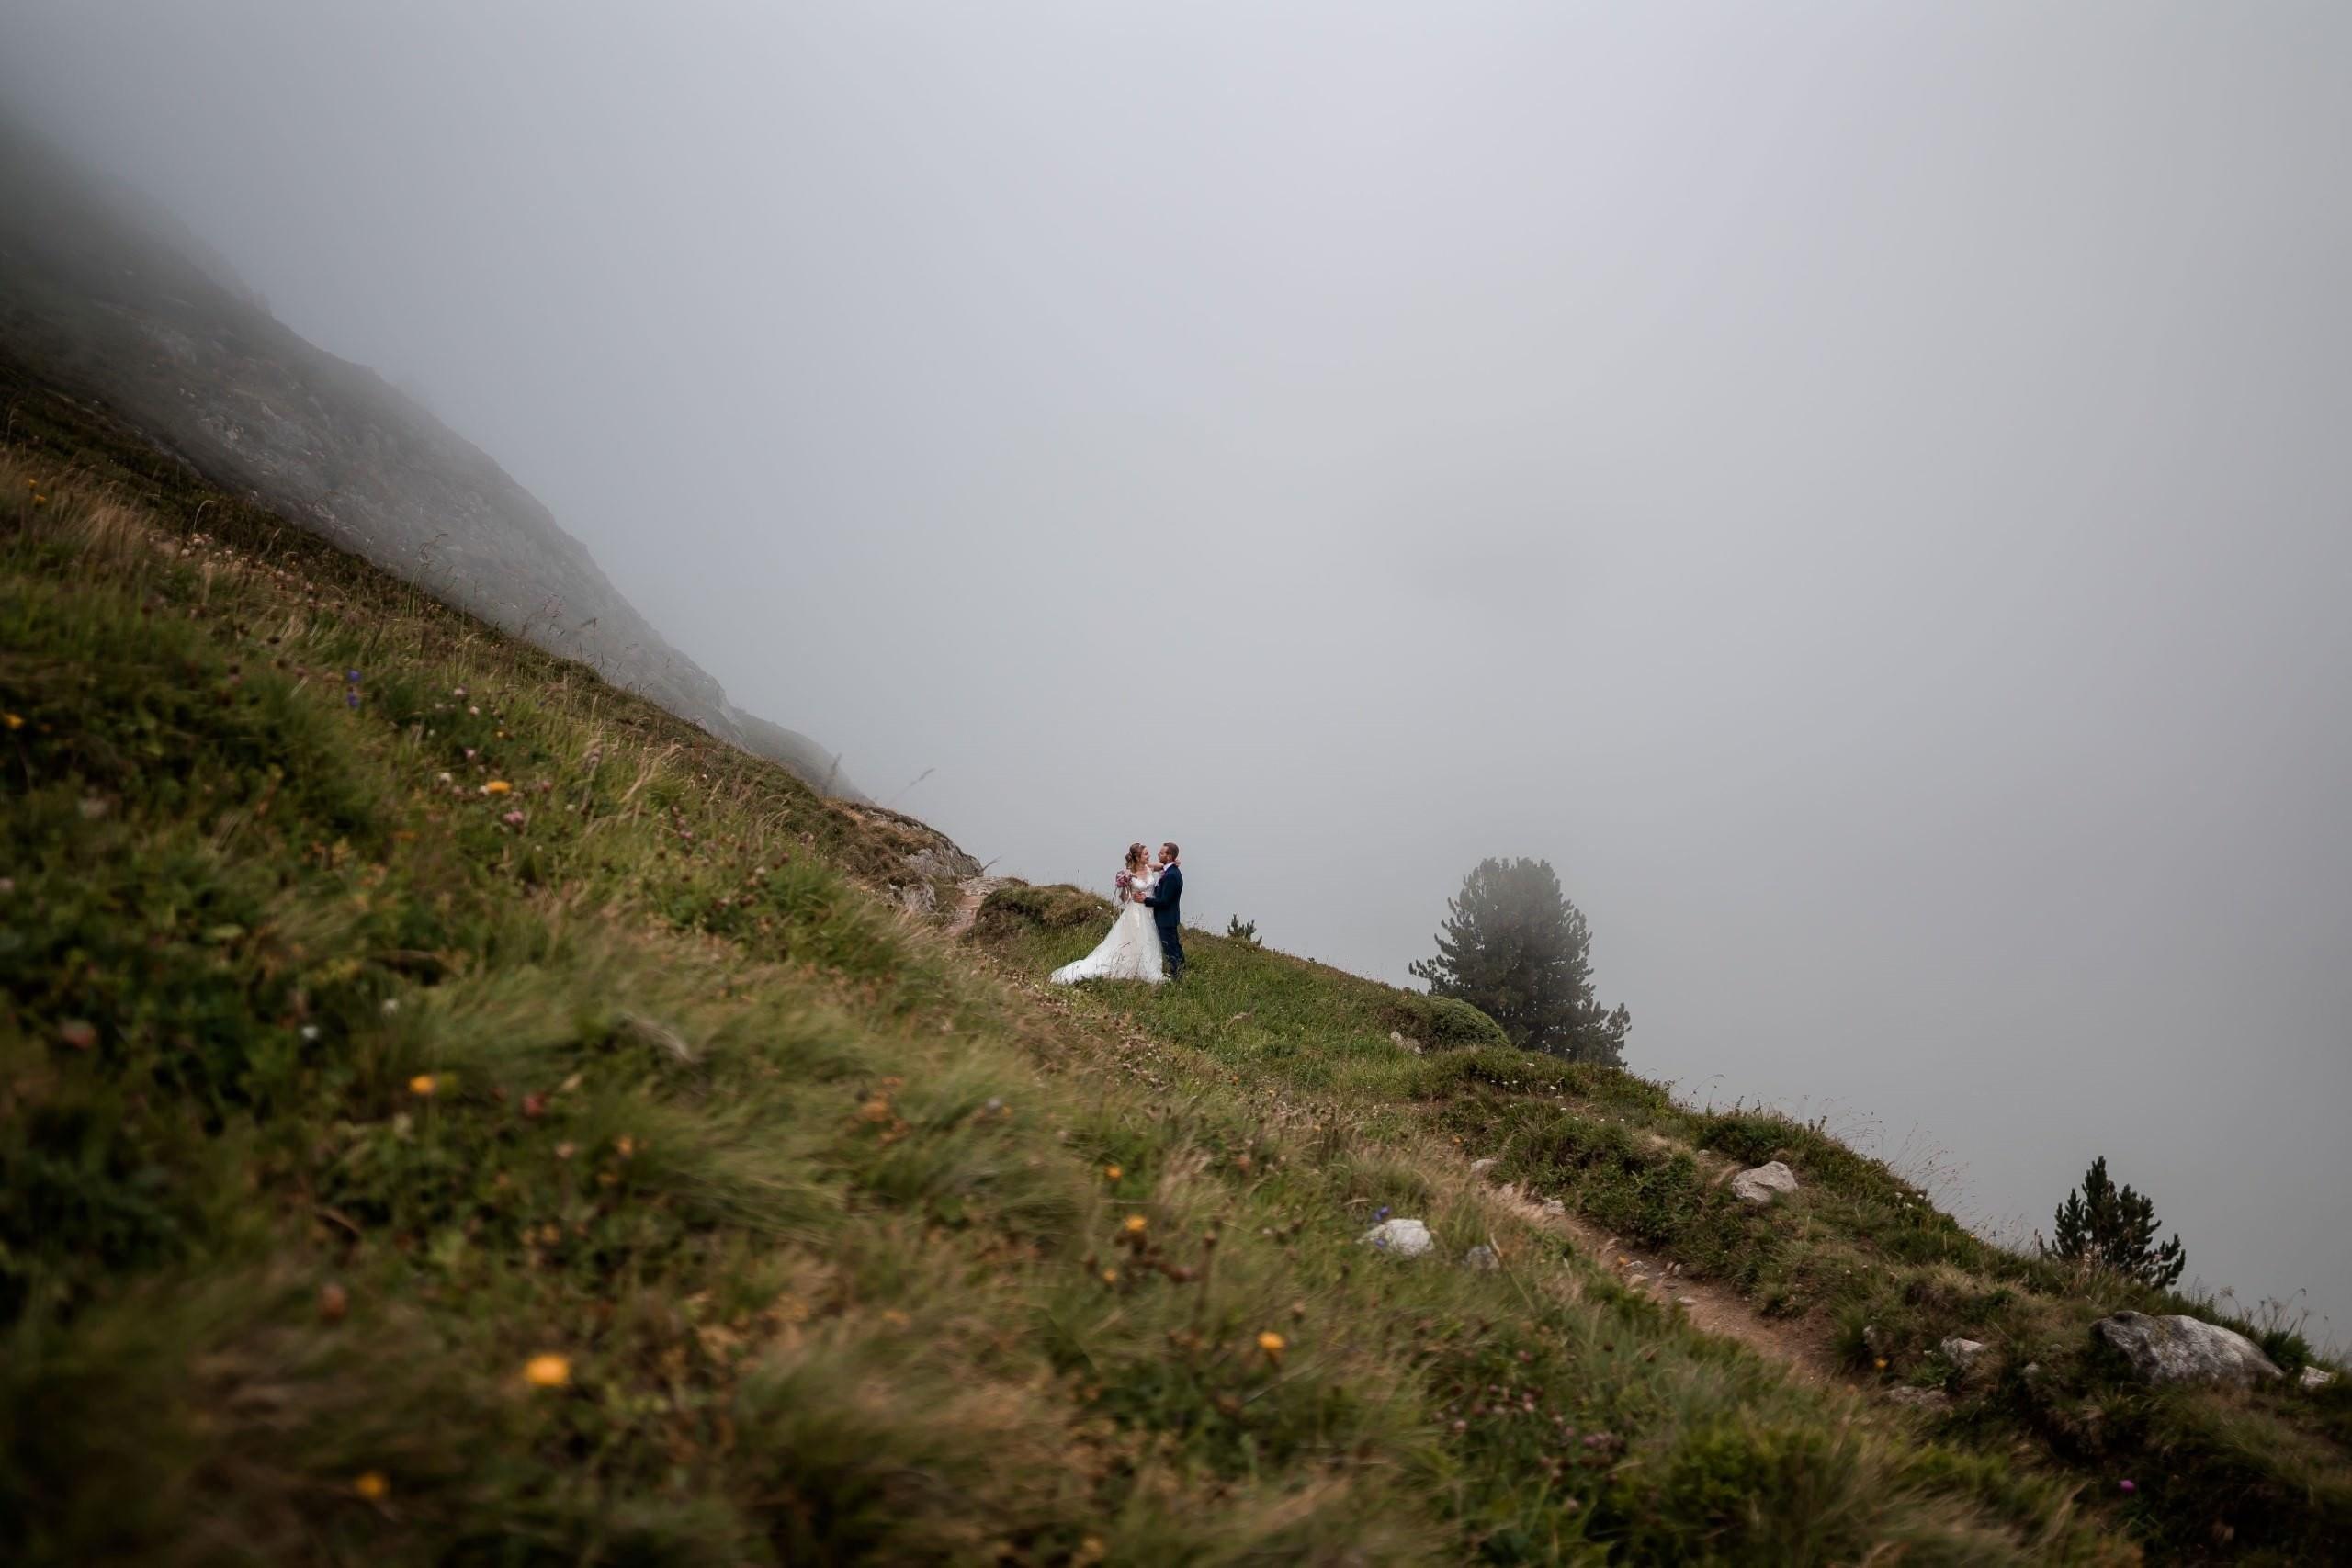 Aida + Tim | Hochzeitsfotografen am Bodensee Belalp, Schweiz